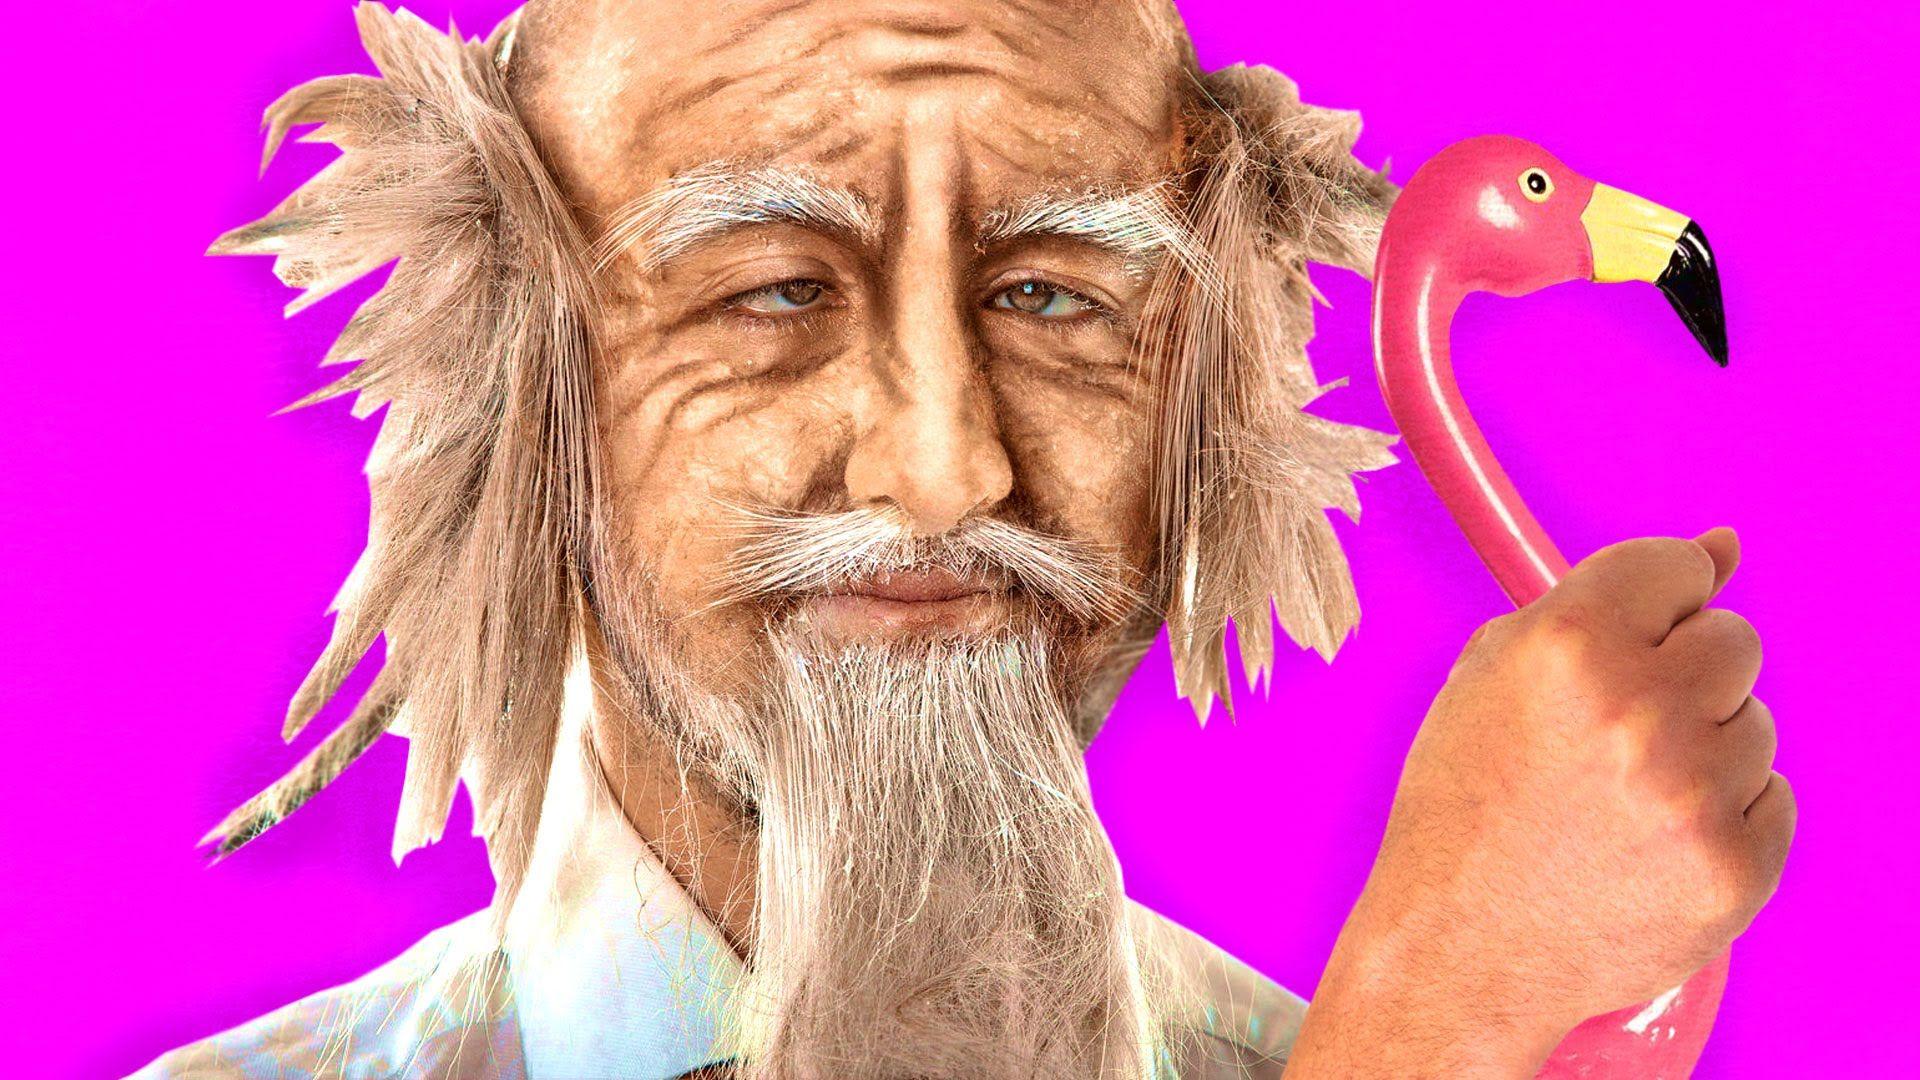 CRAZY OLD MAN (Garry's Mod Prop Hunt) | Prop Hunt Funny Moments